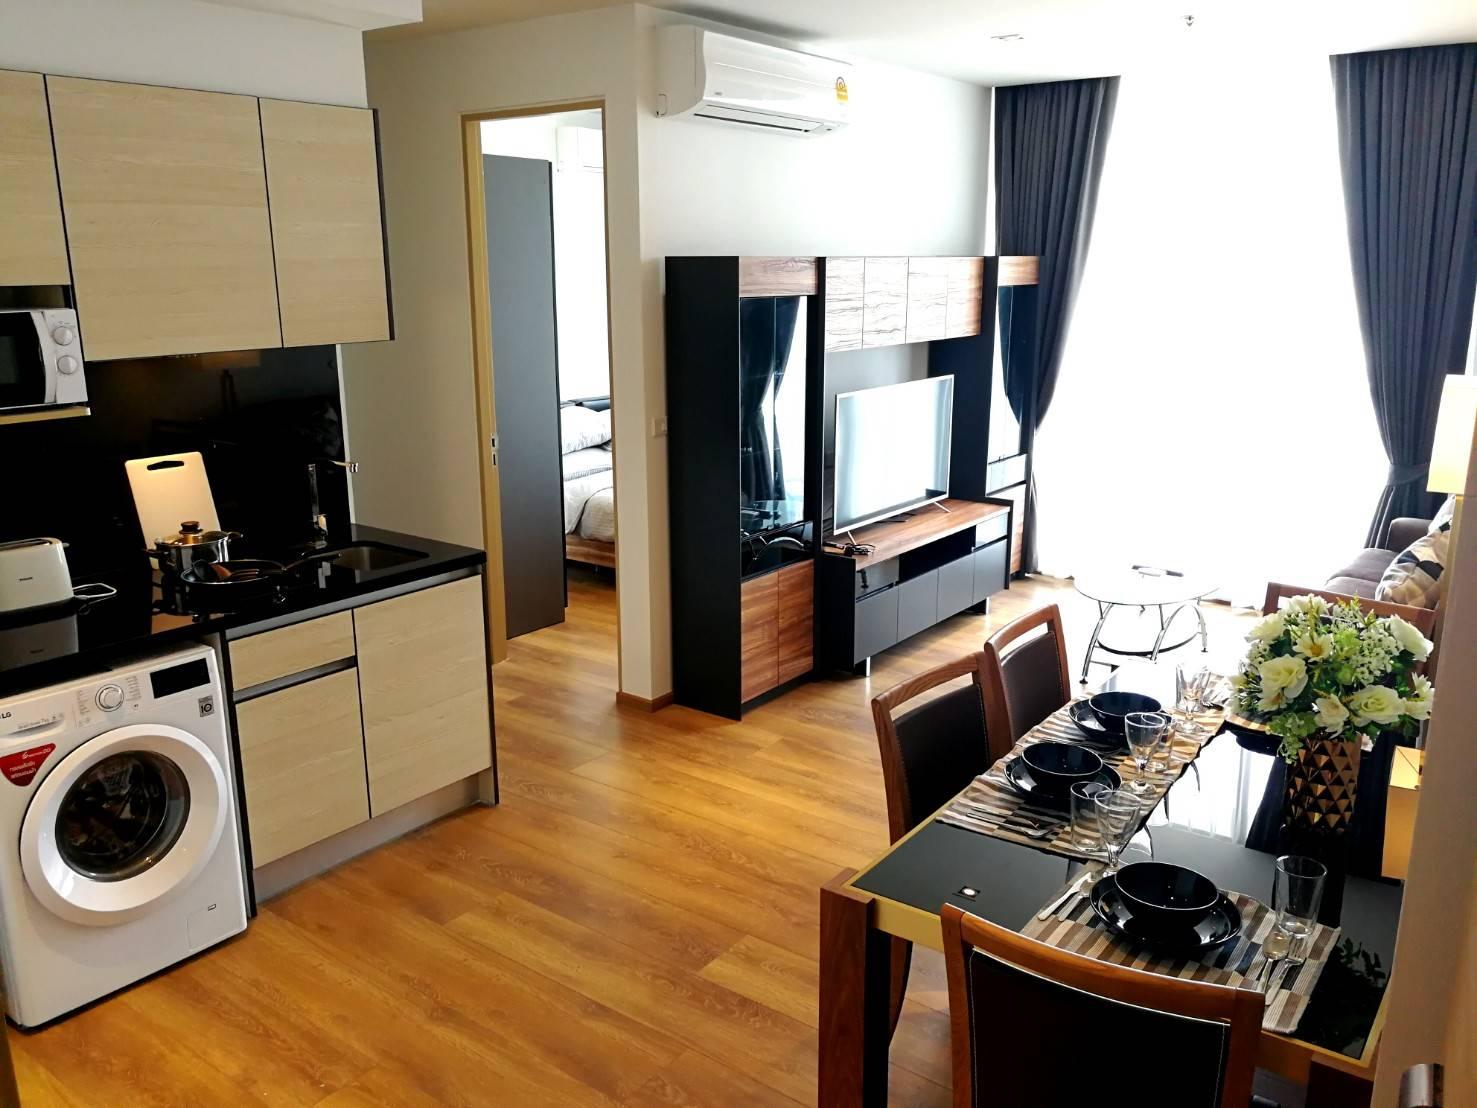 ให้เช่าคอนโด Park 24 (พาร์ค 24) 2 ห้องนอน 1 ห้องน้ำ ชั้น 26 ขนาด 54 ตรม